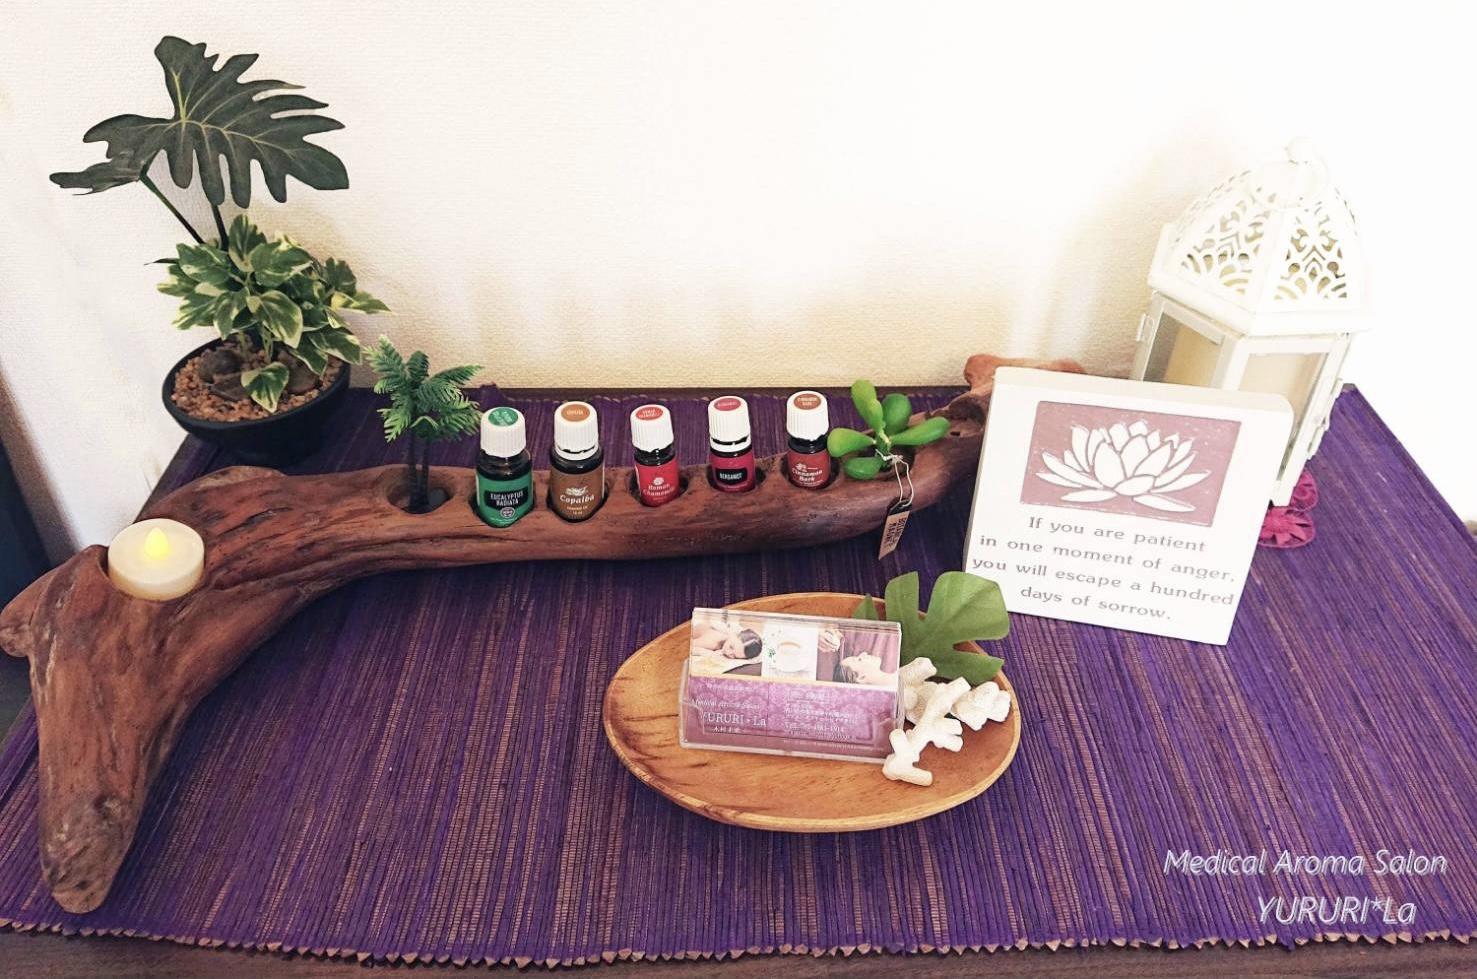 Medical Aroma Salon YURURI*La (2)